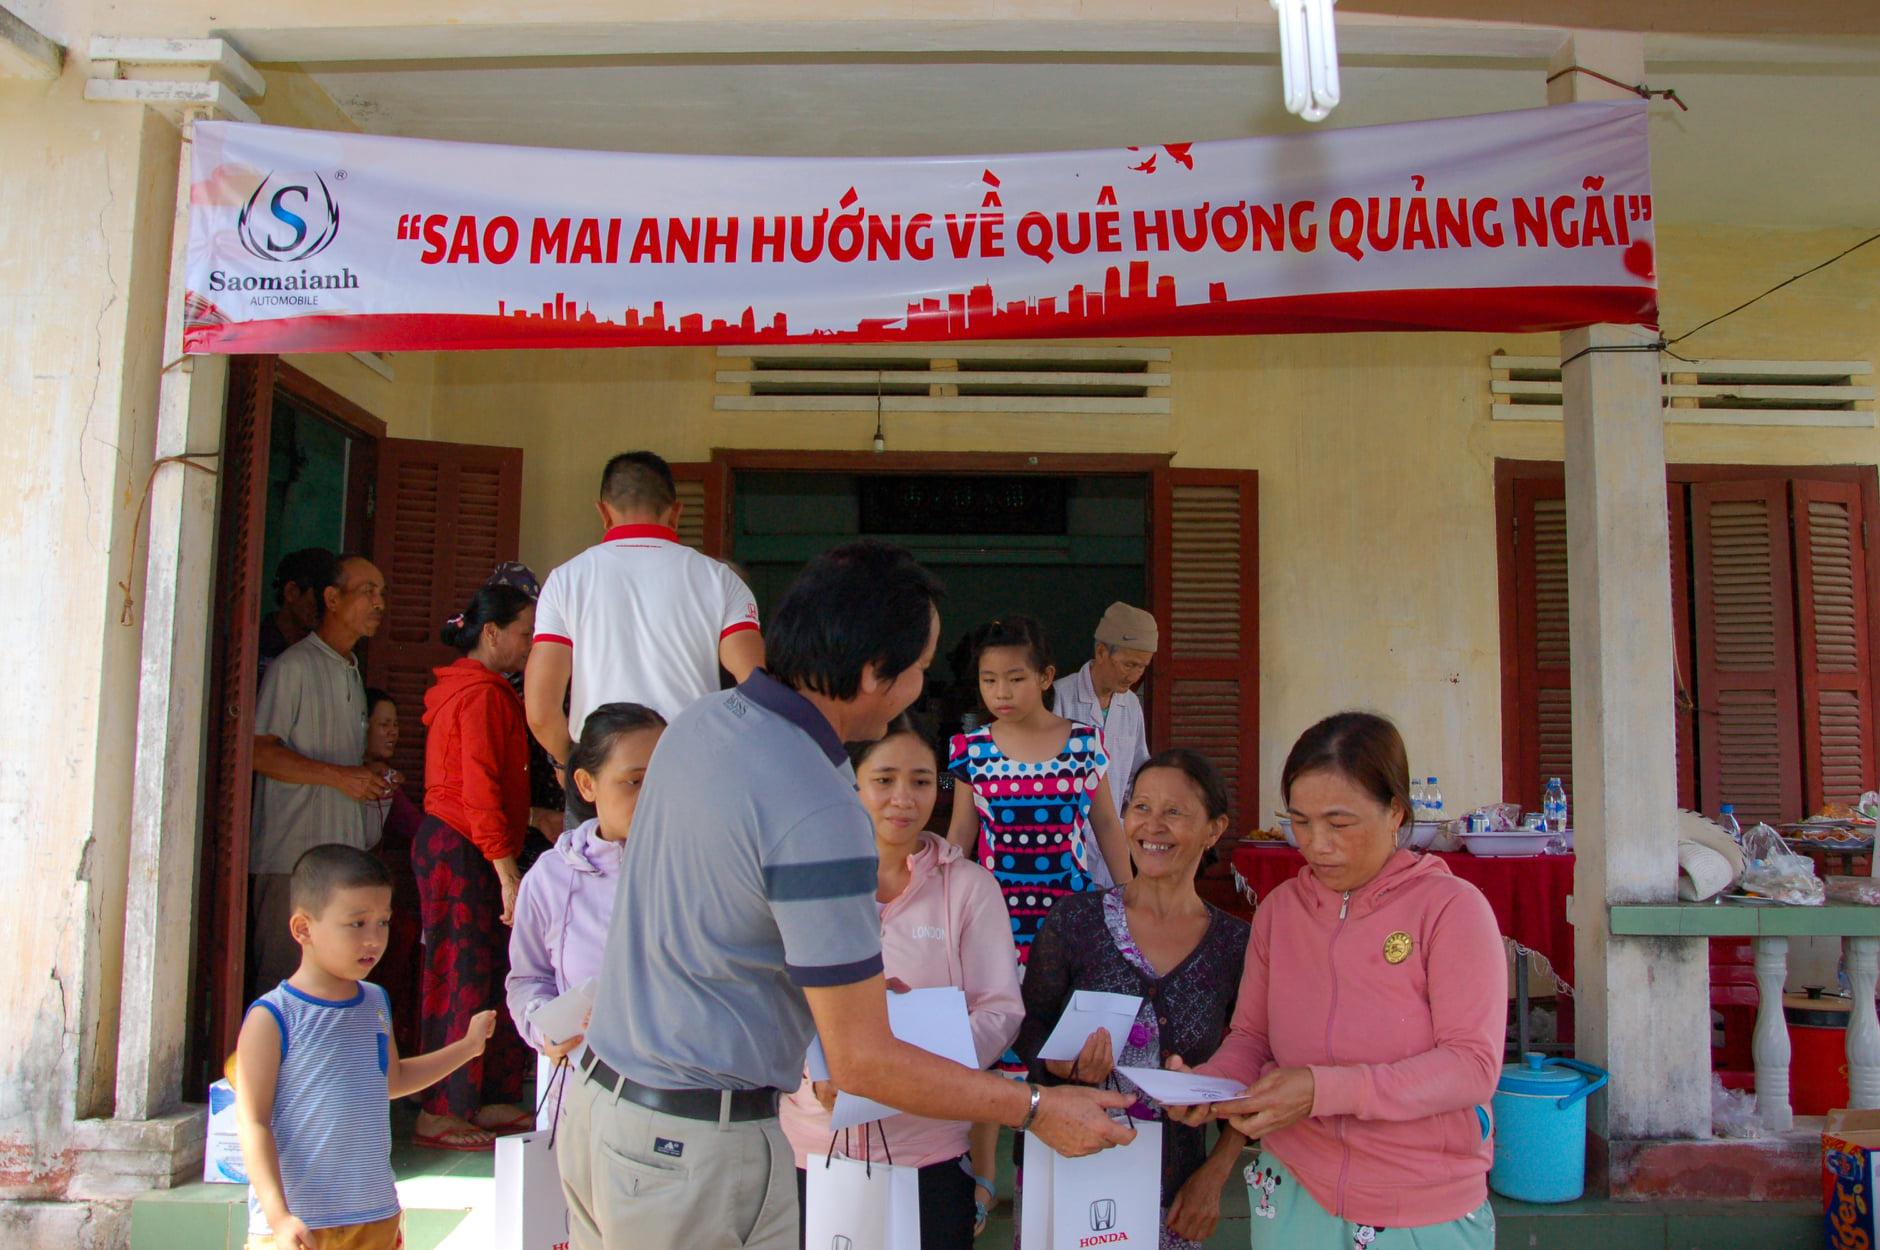 """Chương trình """"Sao Mai Anh hướng về quê hương Quảng Ngãi"""" hỗ trợ người dân khắc phục khó khăn sau bão"""